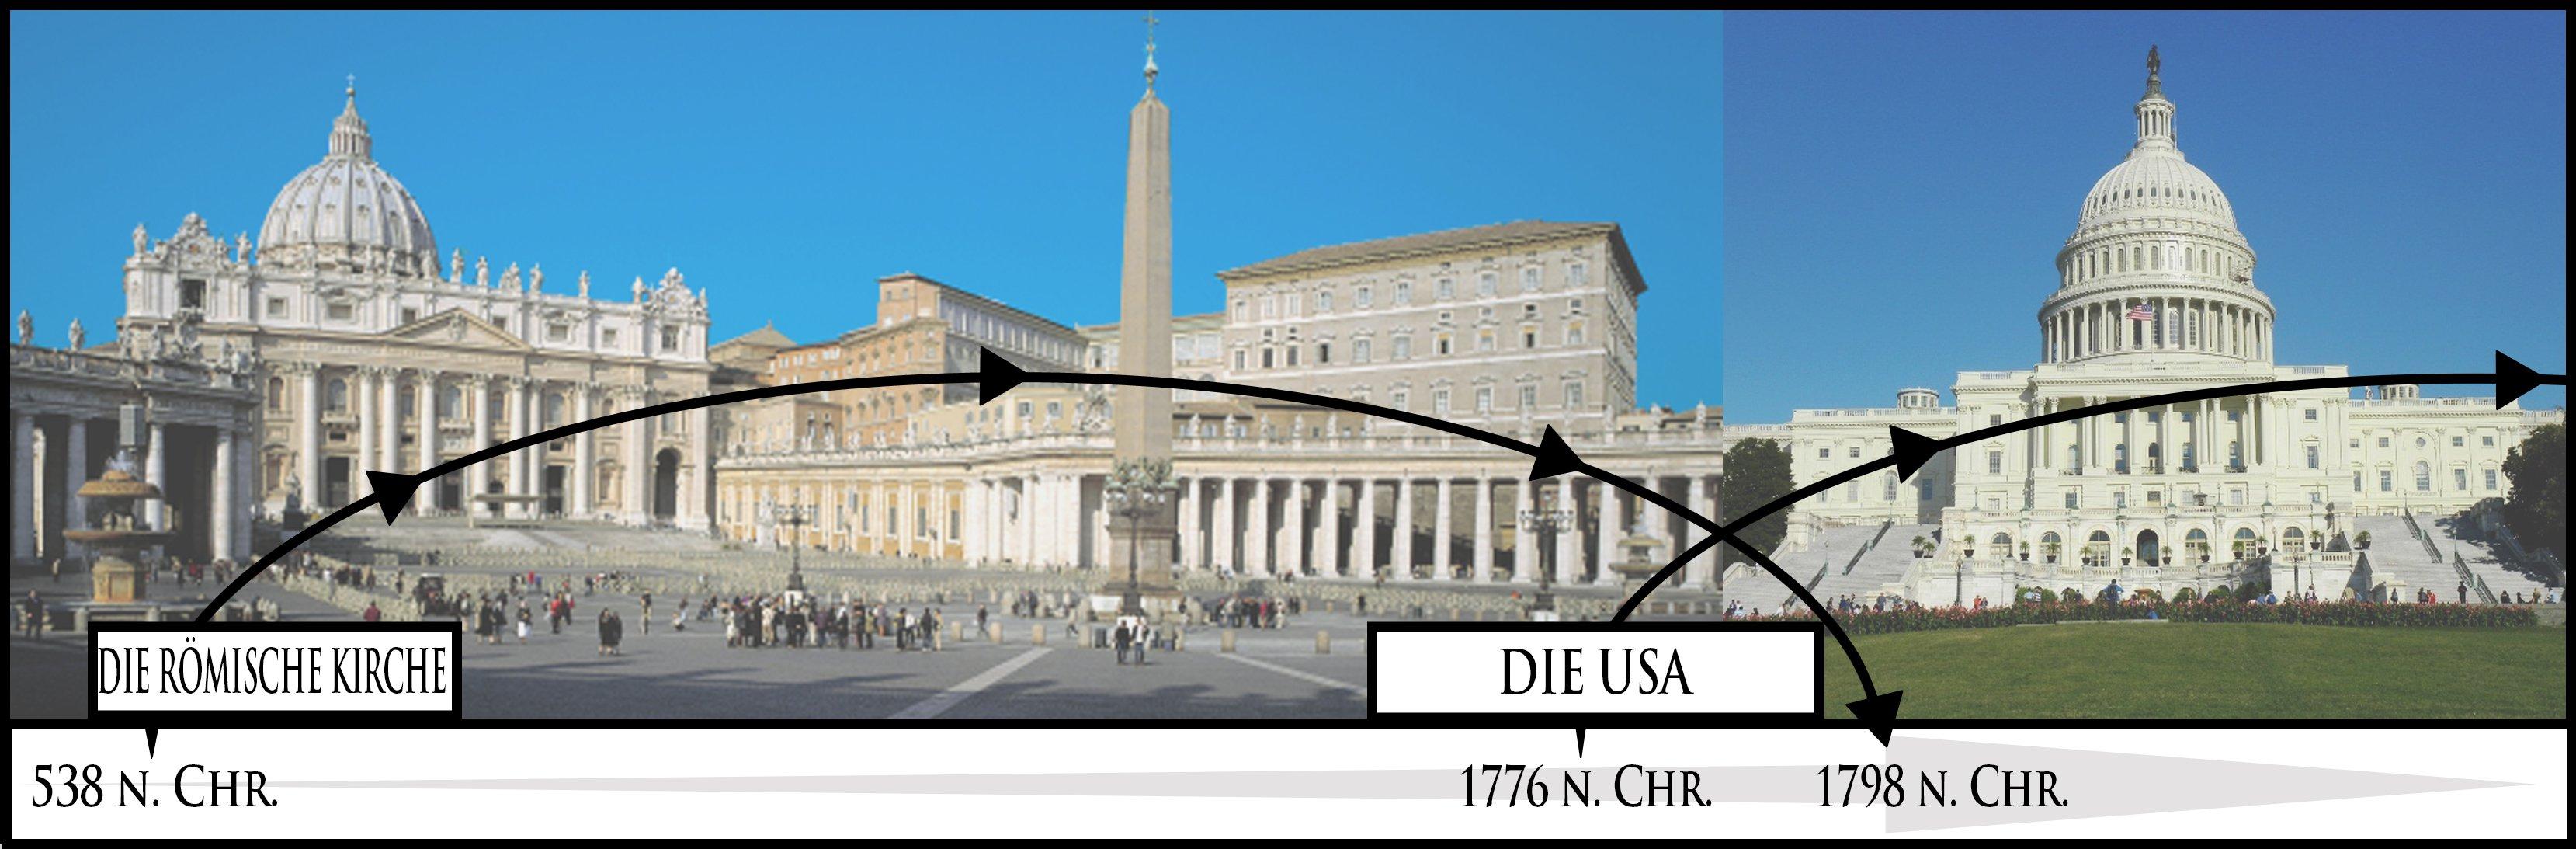 Zeitlinie Rom-USA